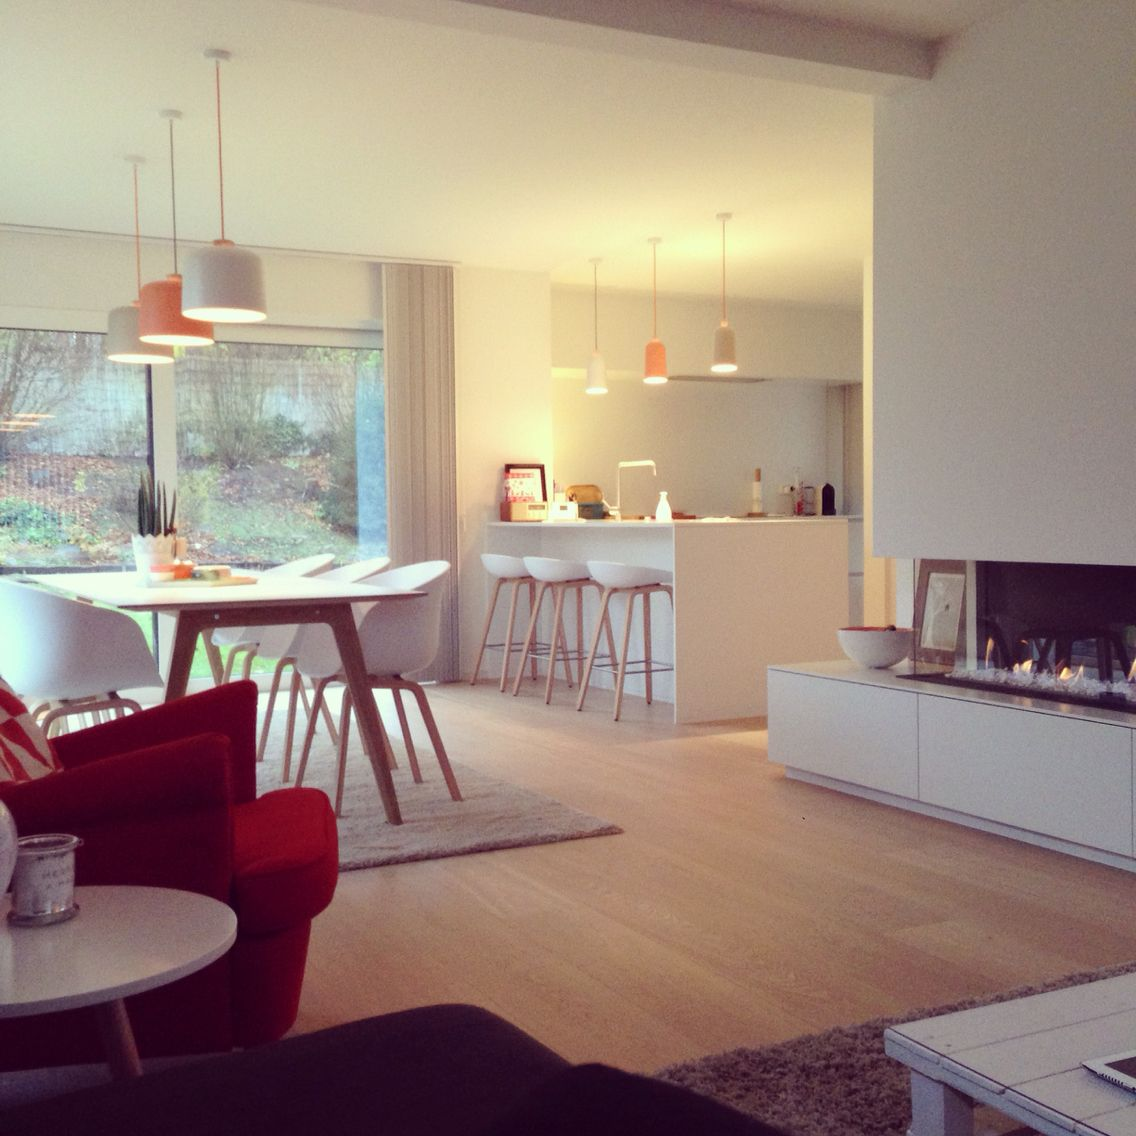 Kamin zur Küche als Raumteiler … | kleine keuken | Pinterest ...